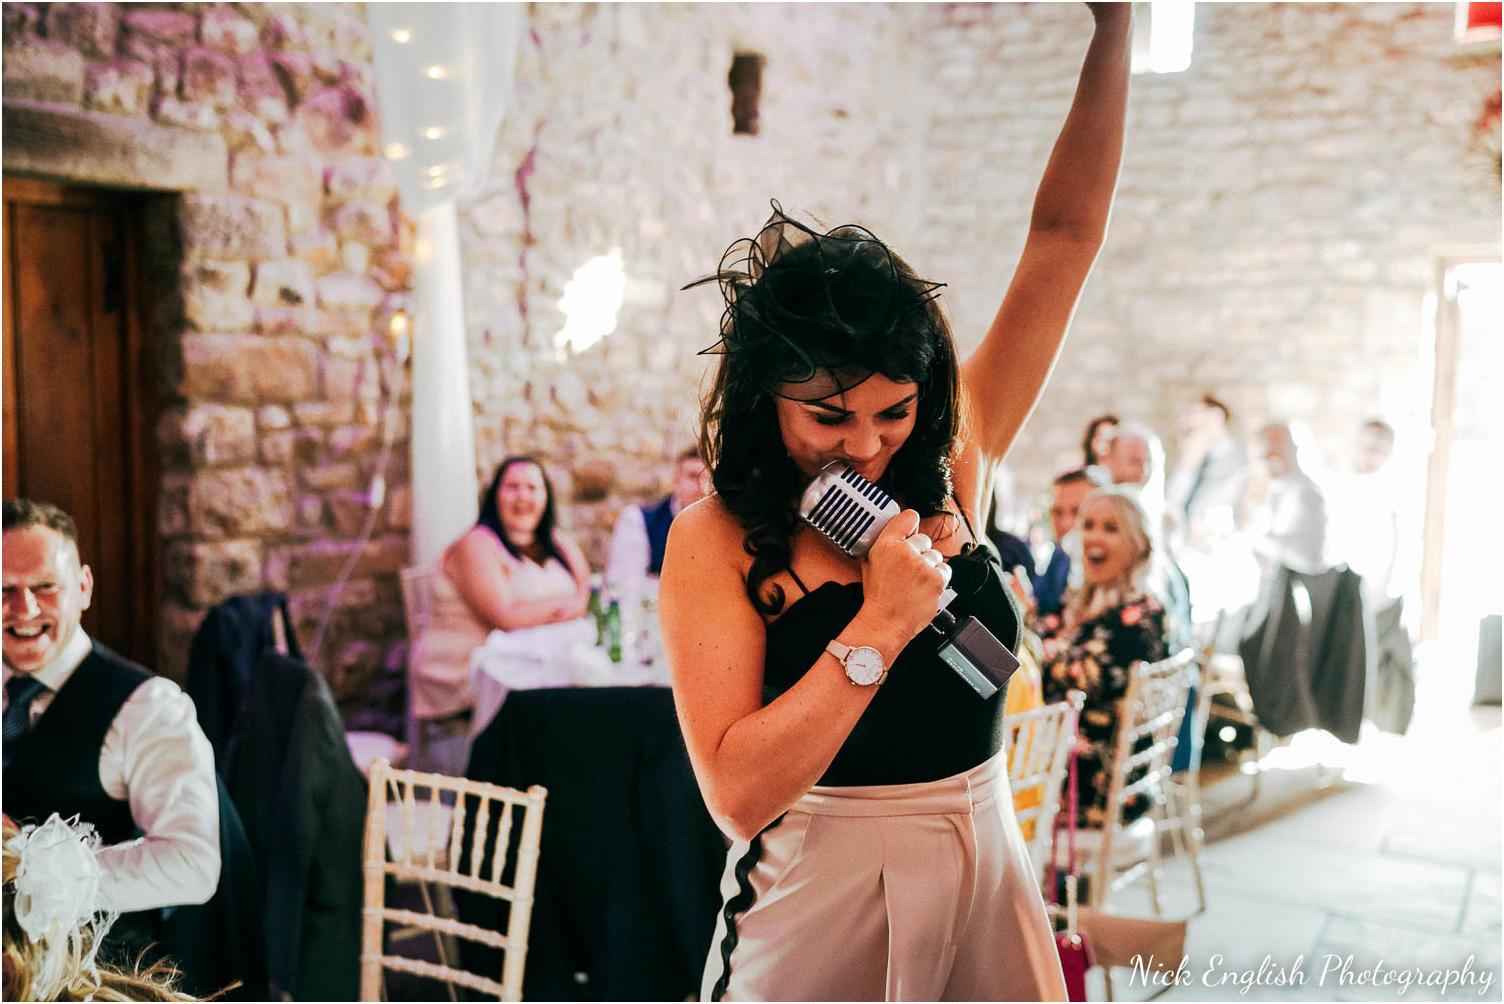 Browsholme_Hall_Barn_Wedding_Nick_English_Photography-124.jpg